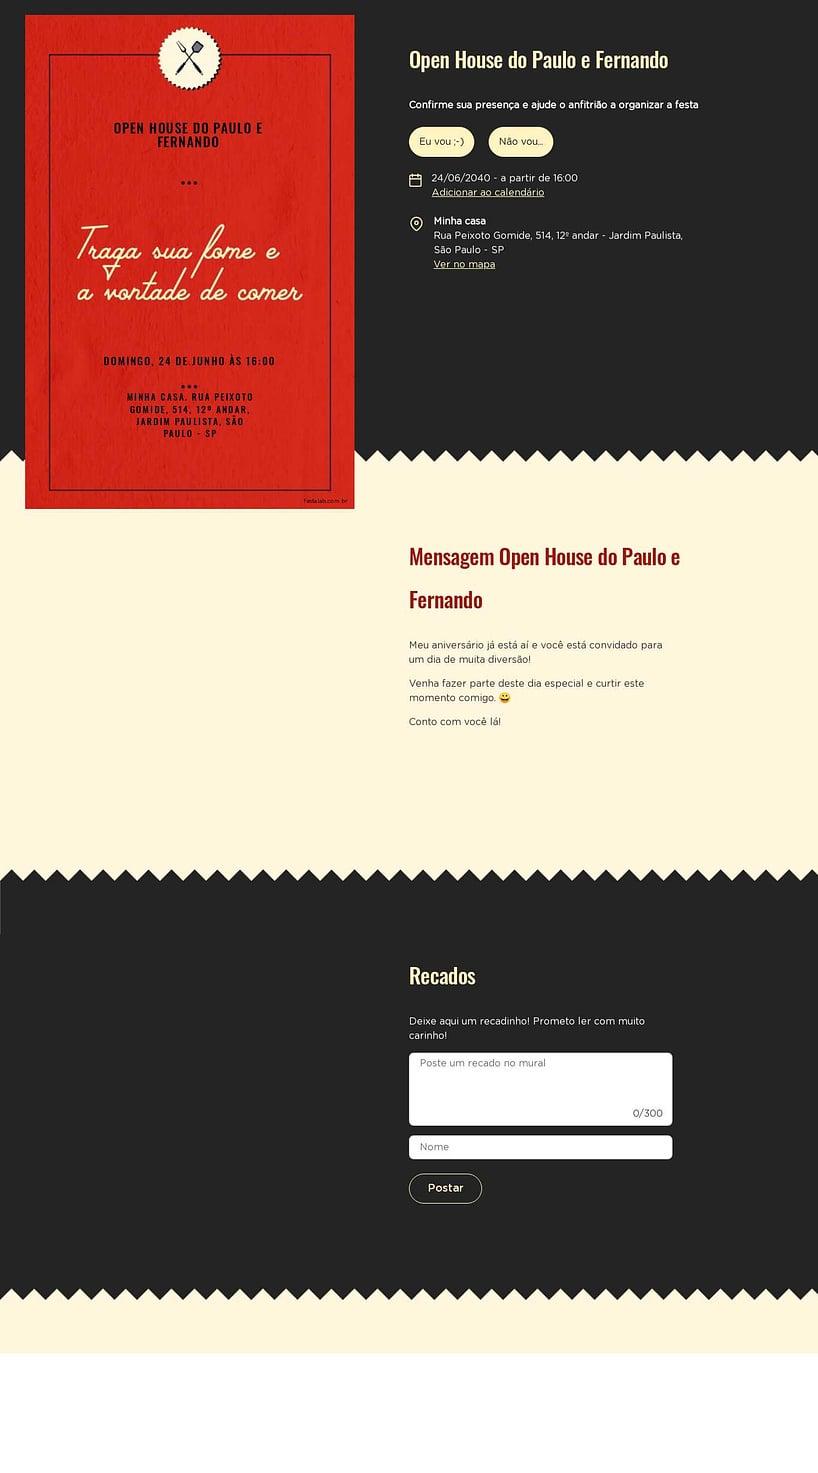 Vibe de Ocasioes especiais - Churrasco Vermelho